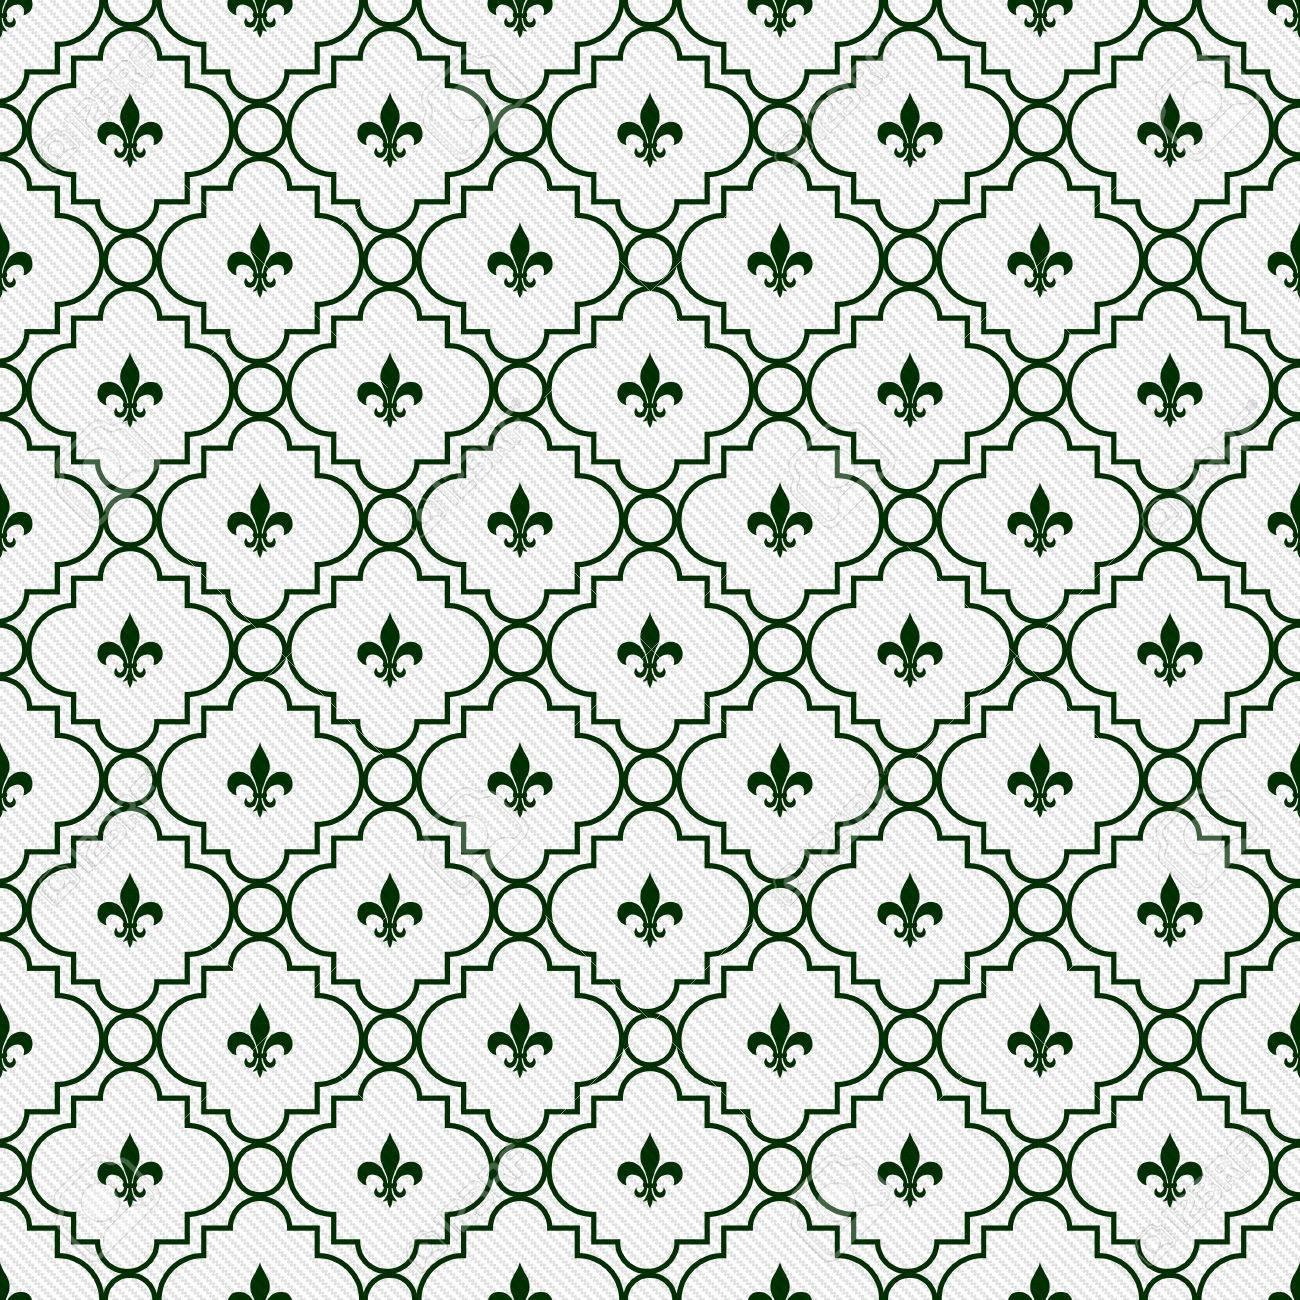 Immagini Stock Sfondo Bianco E Verde Scuro Fleur De Lis Modello